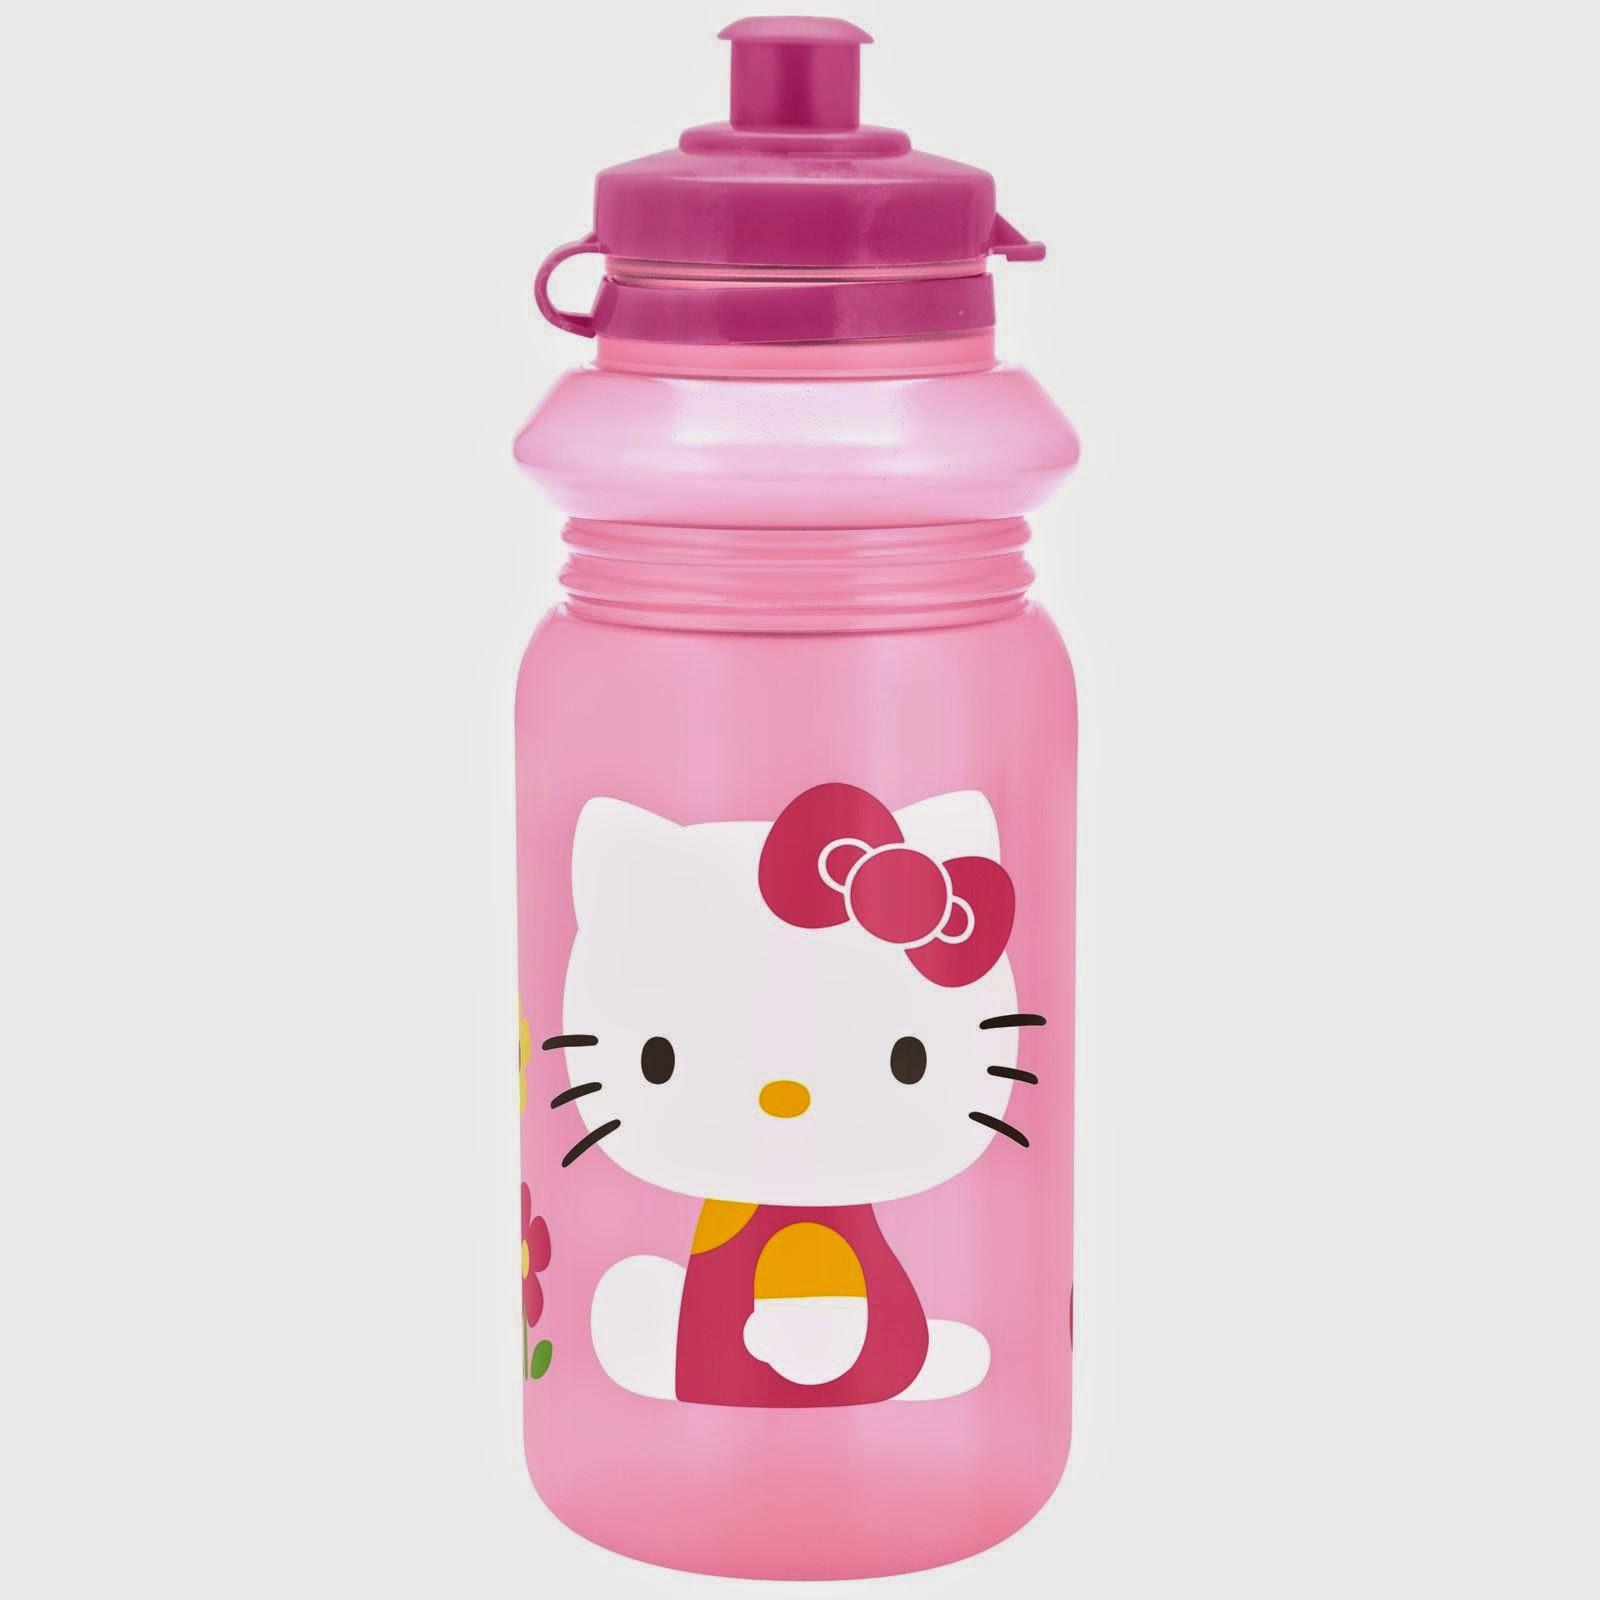 Gambar botol minum hello kitty untuk anak